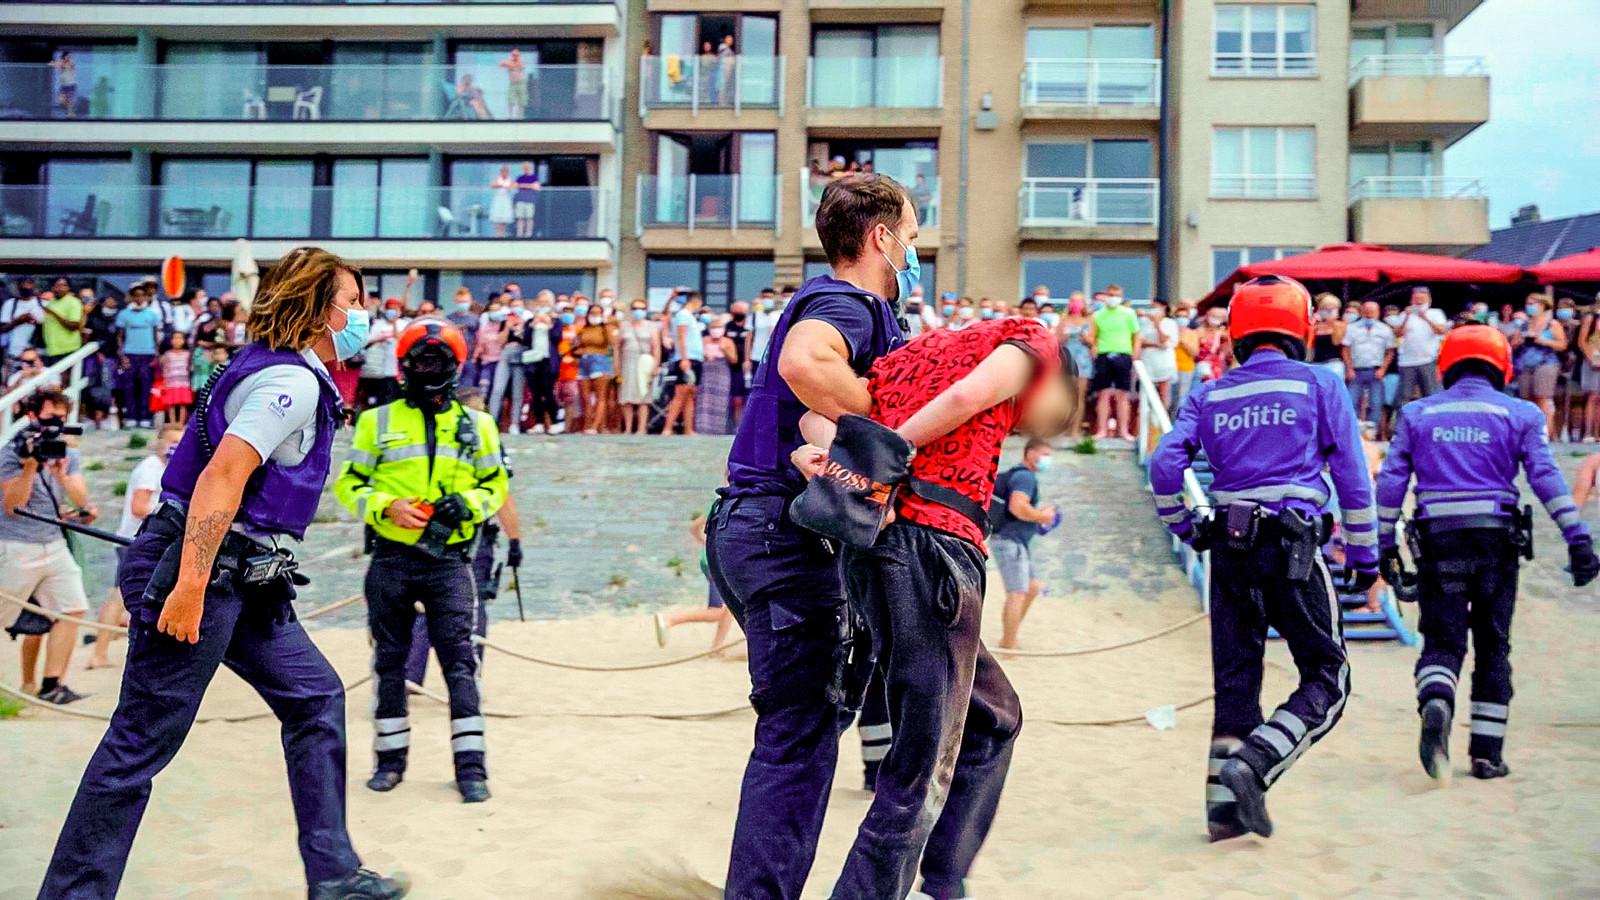 Problemen zoals vorig jaar, toen er rellen ontstonden op het strand, willen ze in Blankenberge absoluut vermijden.